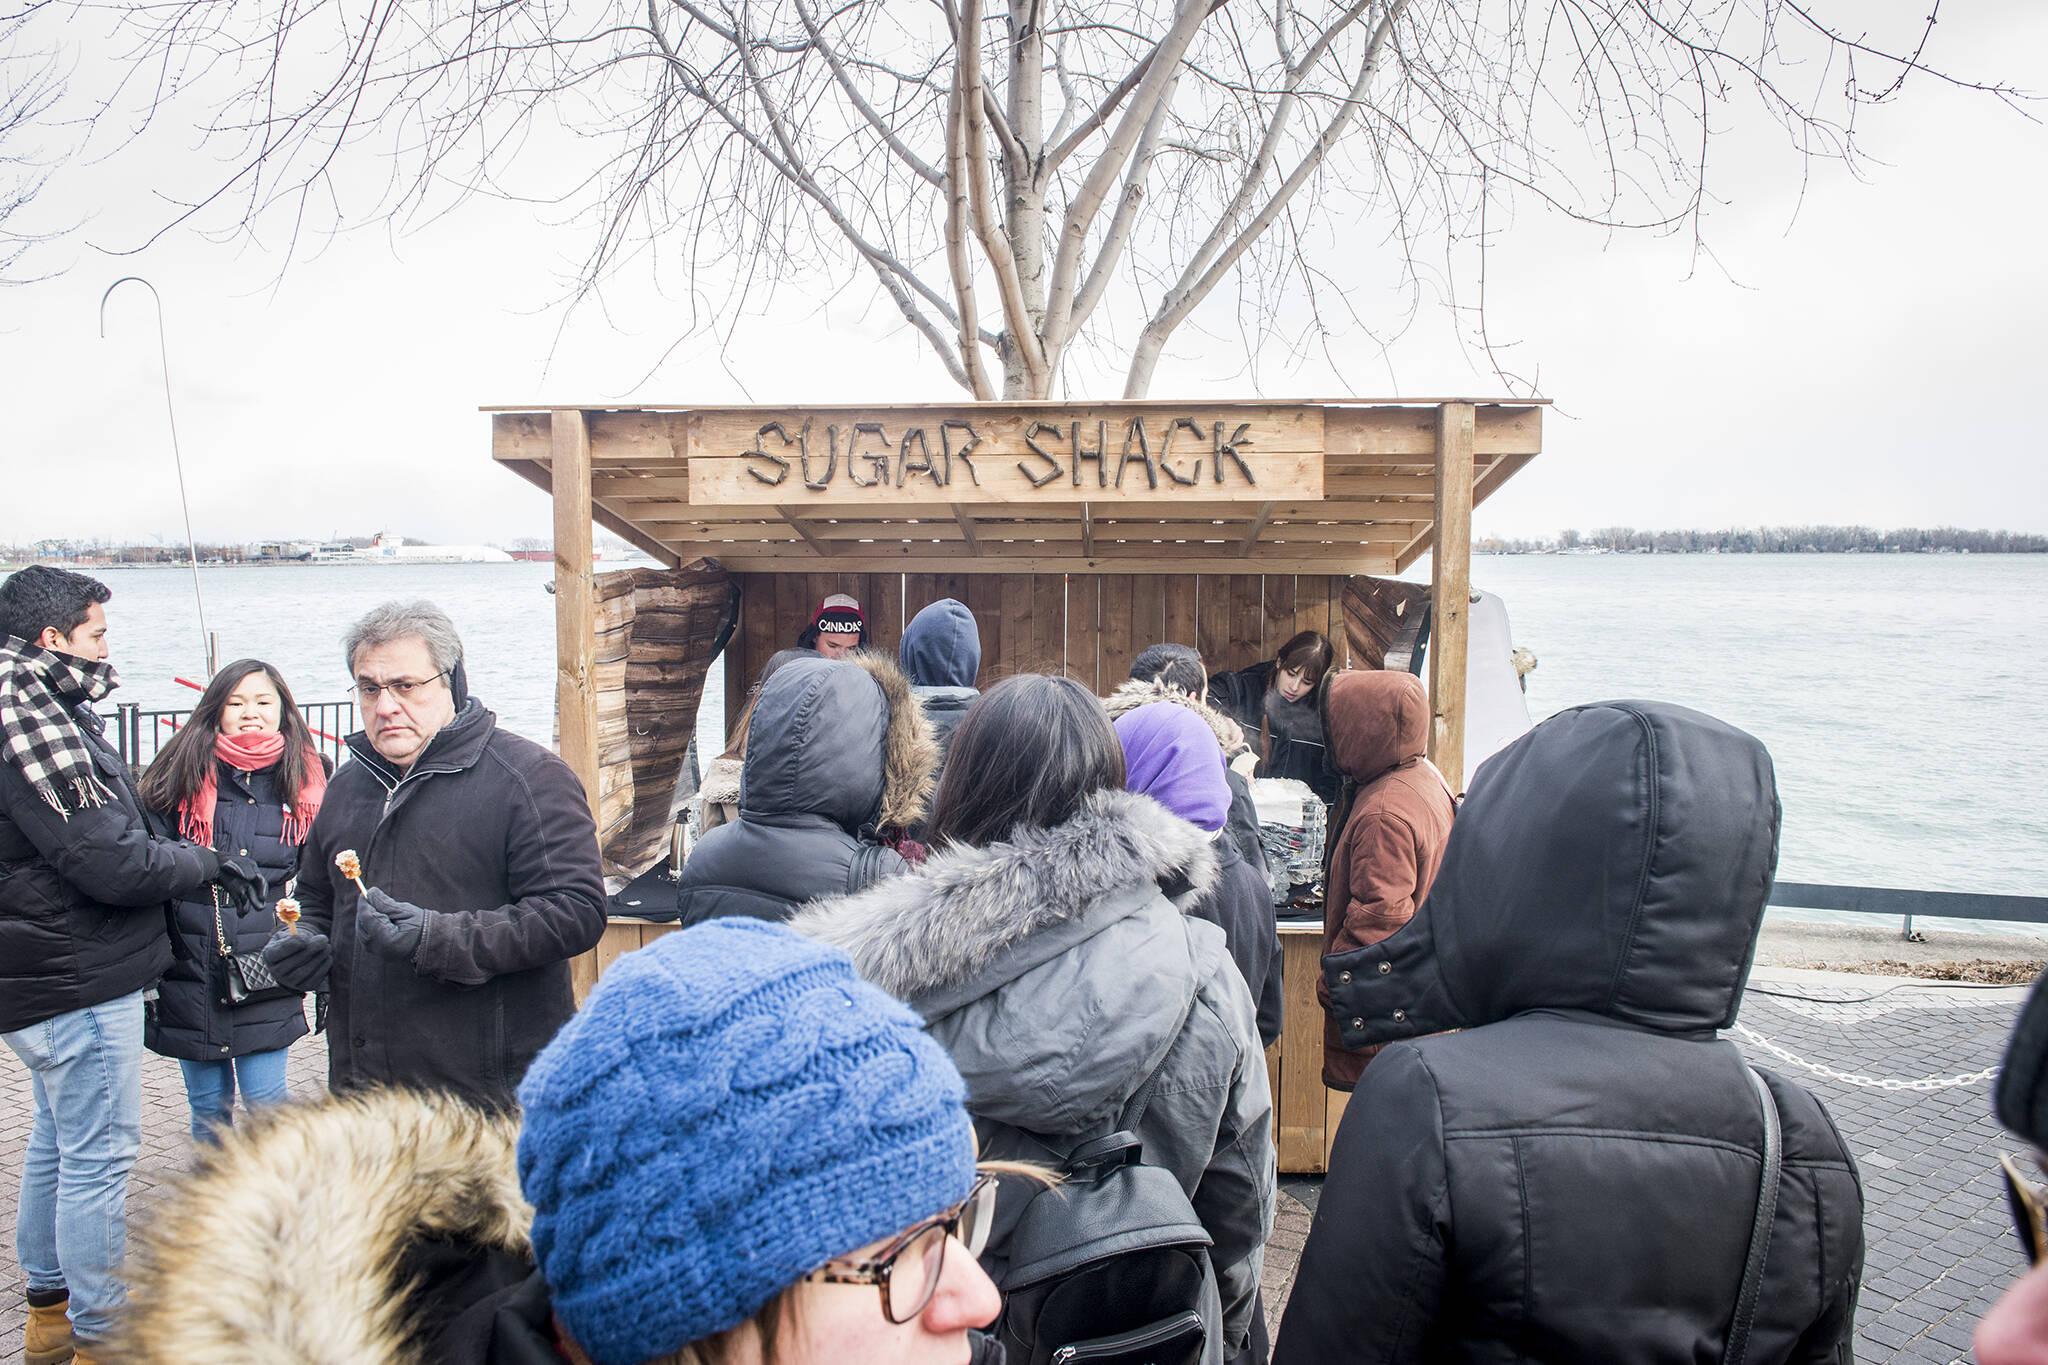 toronto sugar shack